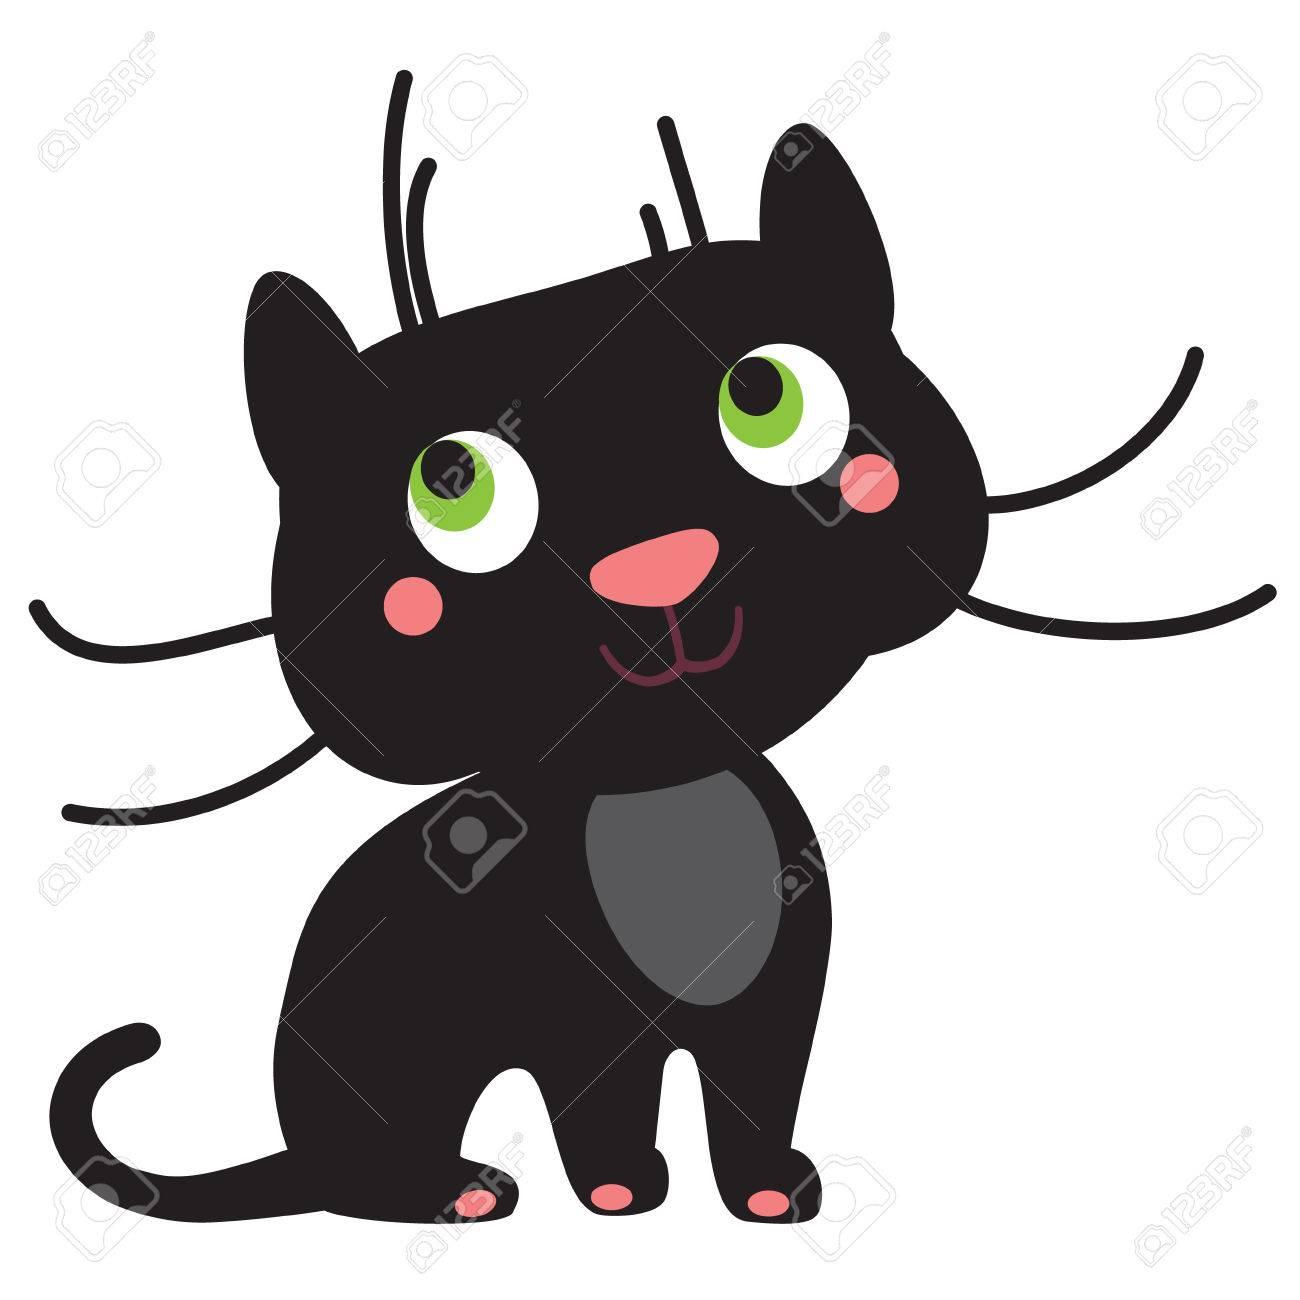 Eine Abbildung Eines Netten Jungen Schwarzen Panther, Im Format. Nizza Puma  Bild Für Kinder